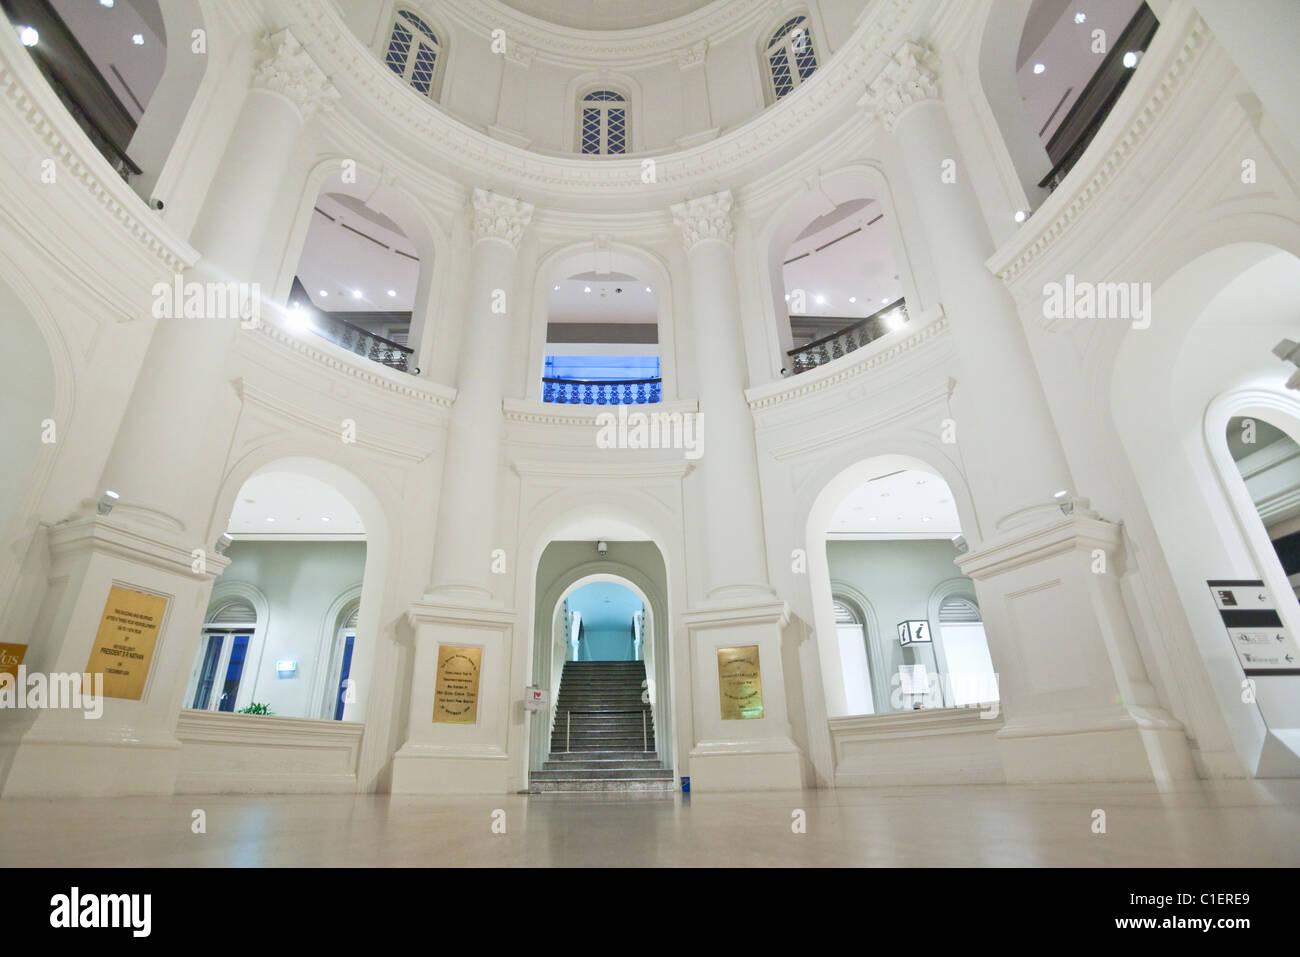 Architettura coloniale del Museo Nazionale di Singapore, Singapore Immagini Stock